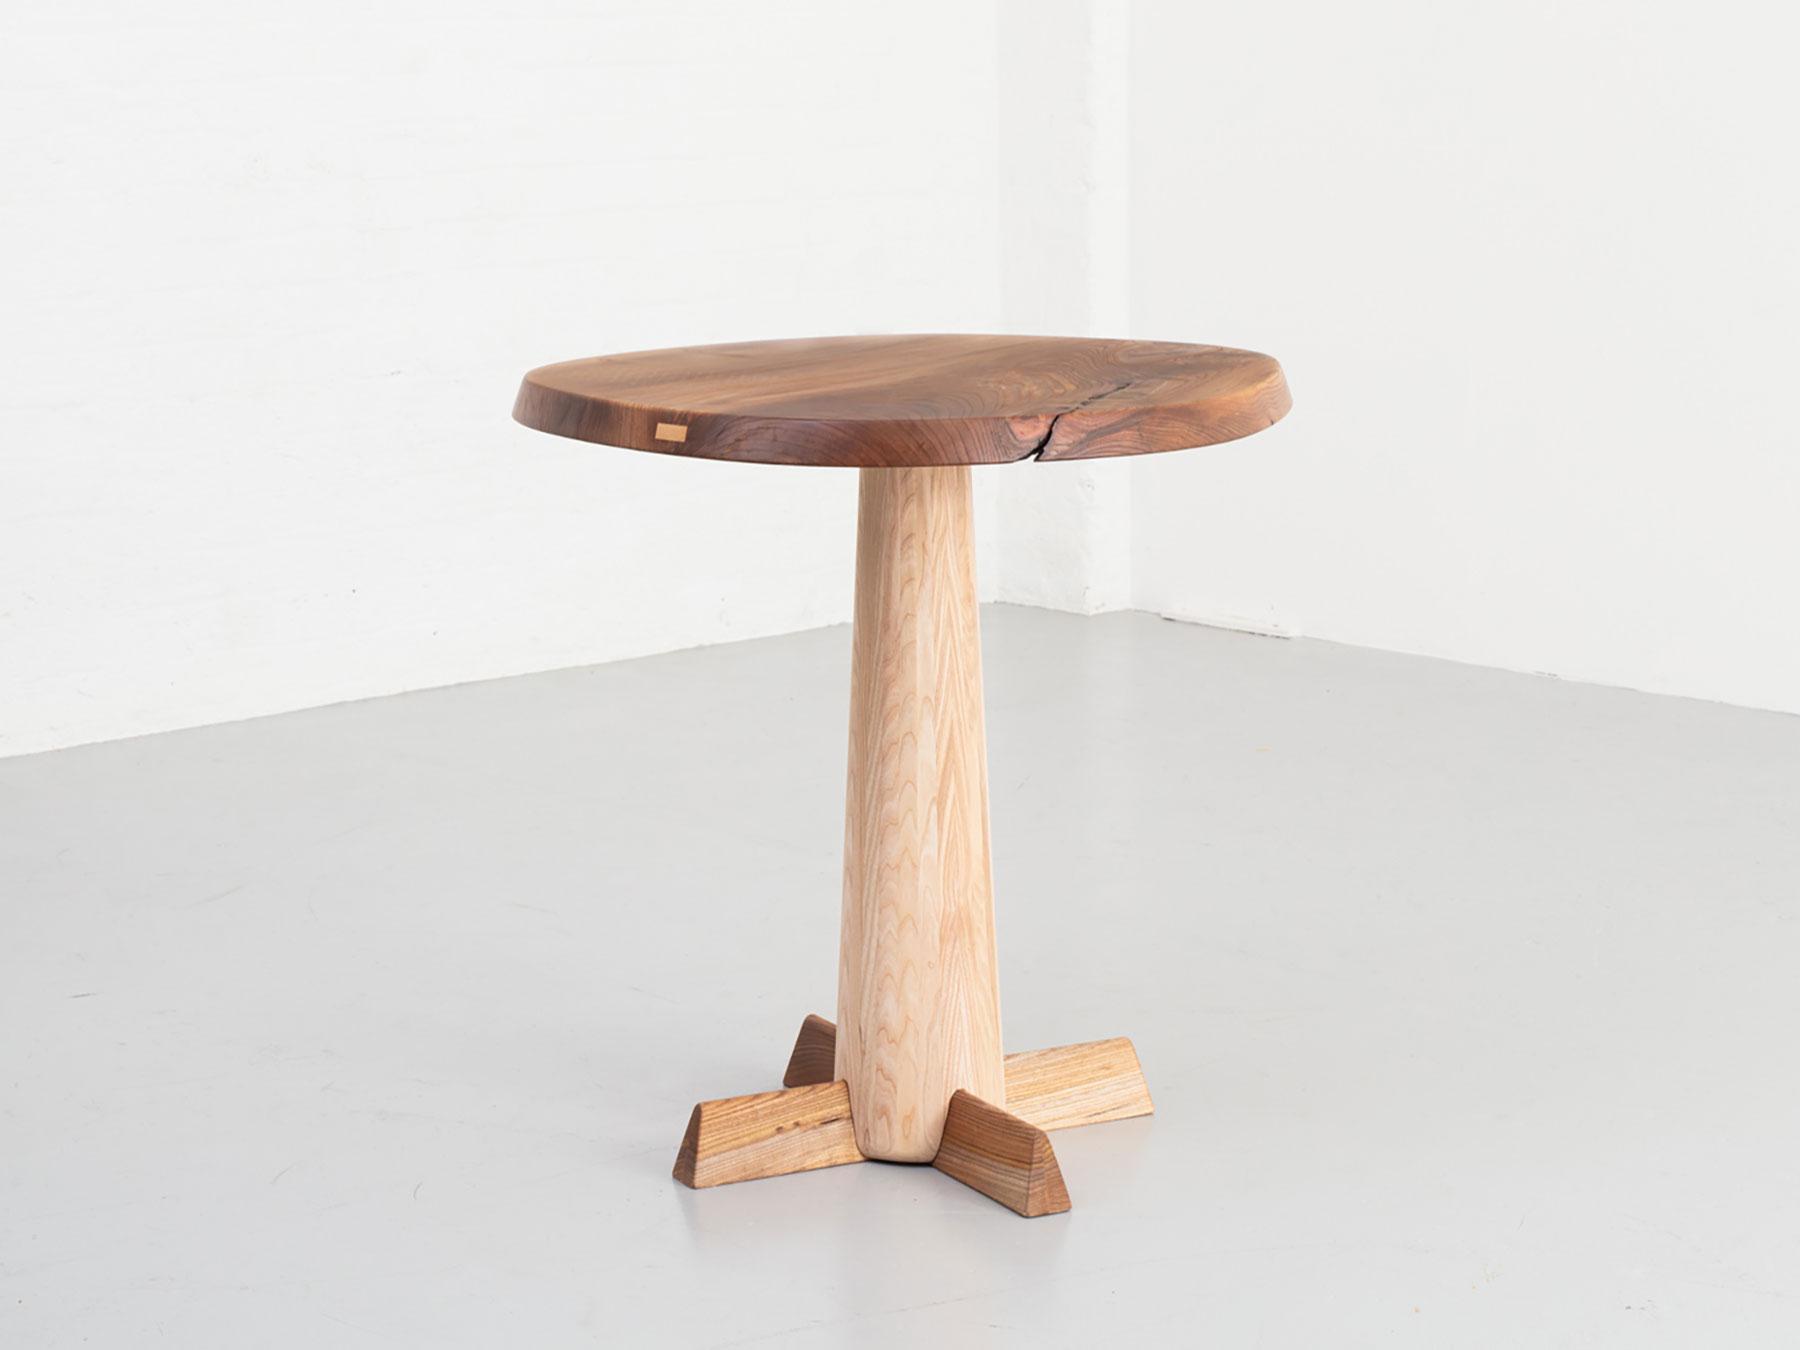 Jan Hendzel Round Tables Studio 2021-5